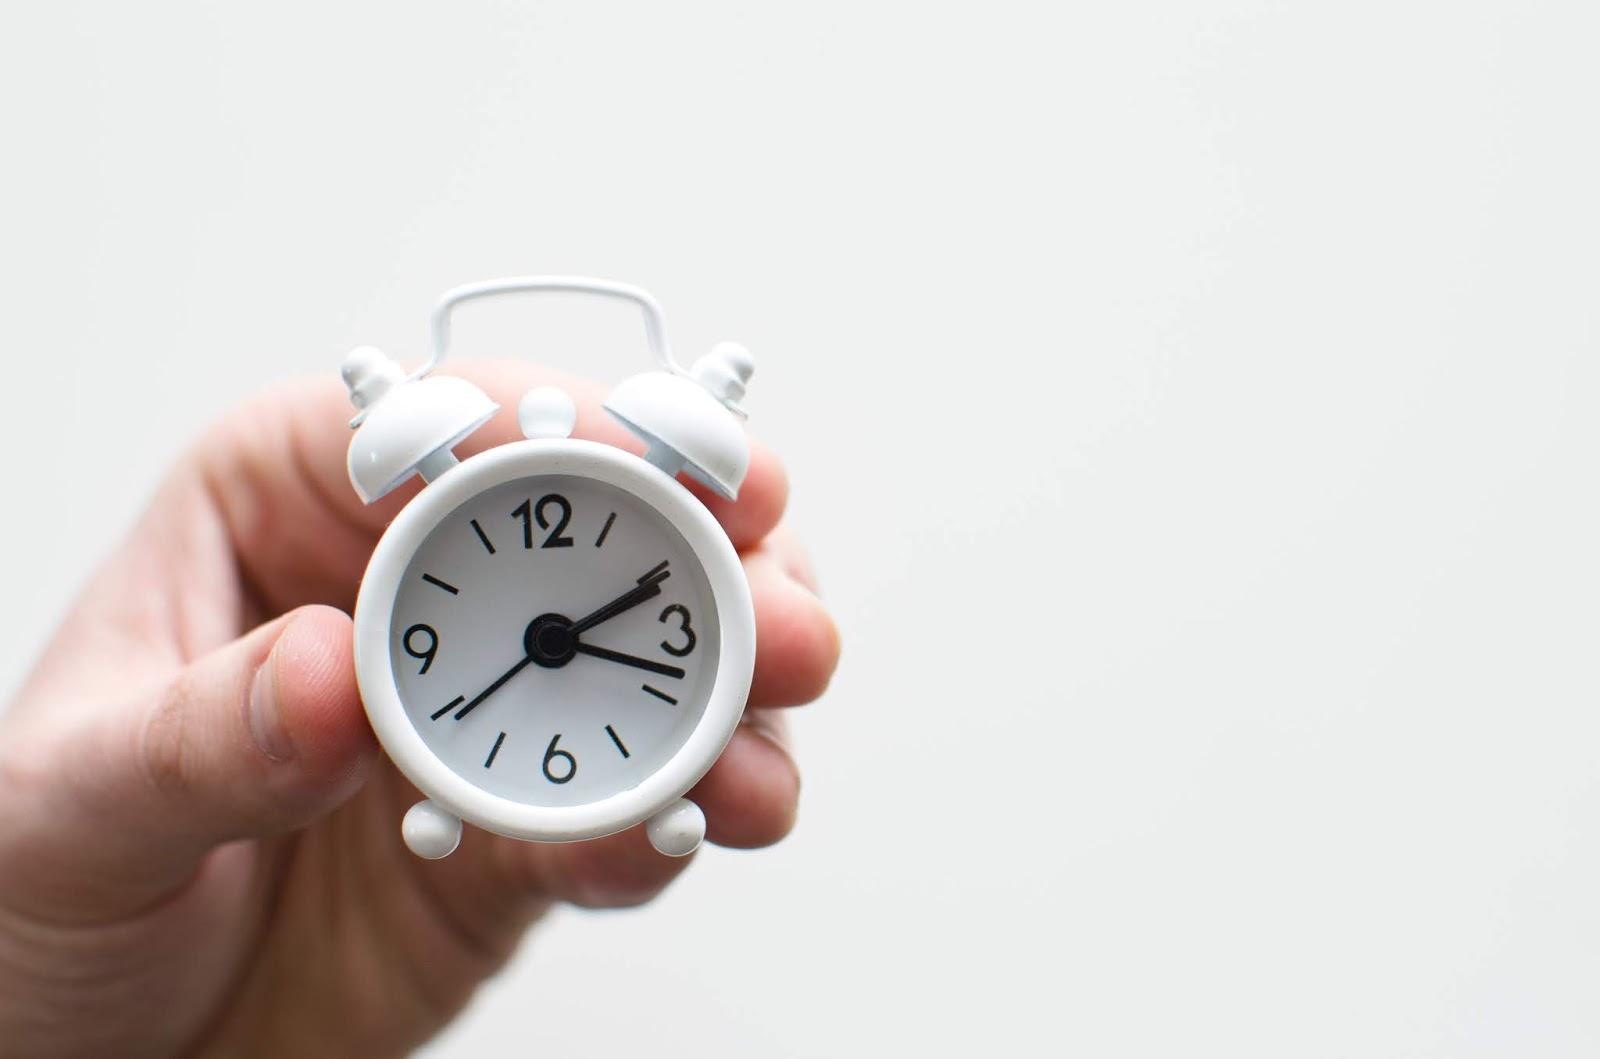 www.fashionsobsessions.it - zairadurso - resettare il proprio orologio biologico - come fare un reset della propria giornata - meditazione prima di dormire - fashion's obsessions - #fashionsobsessions - lifestyle - good habits for a good life - inspolifestyle- @zairadurso